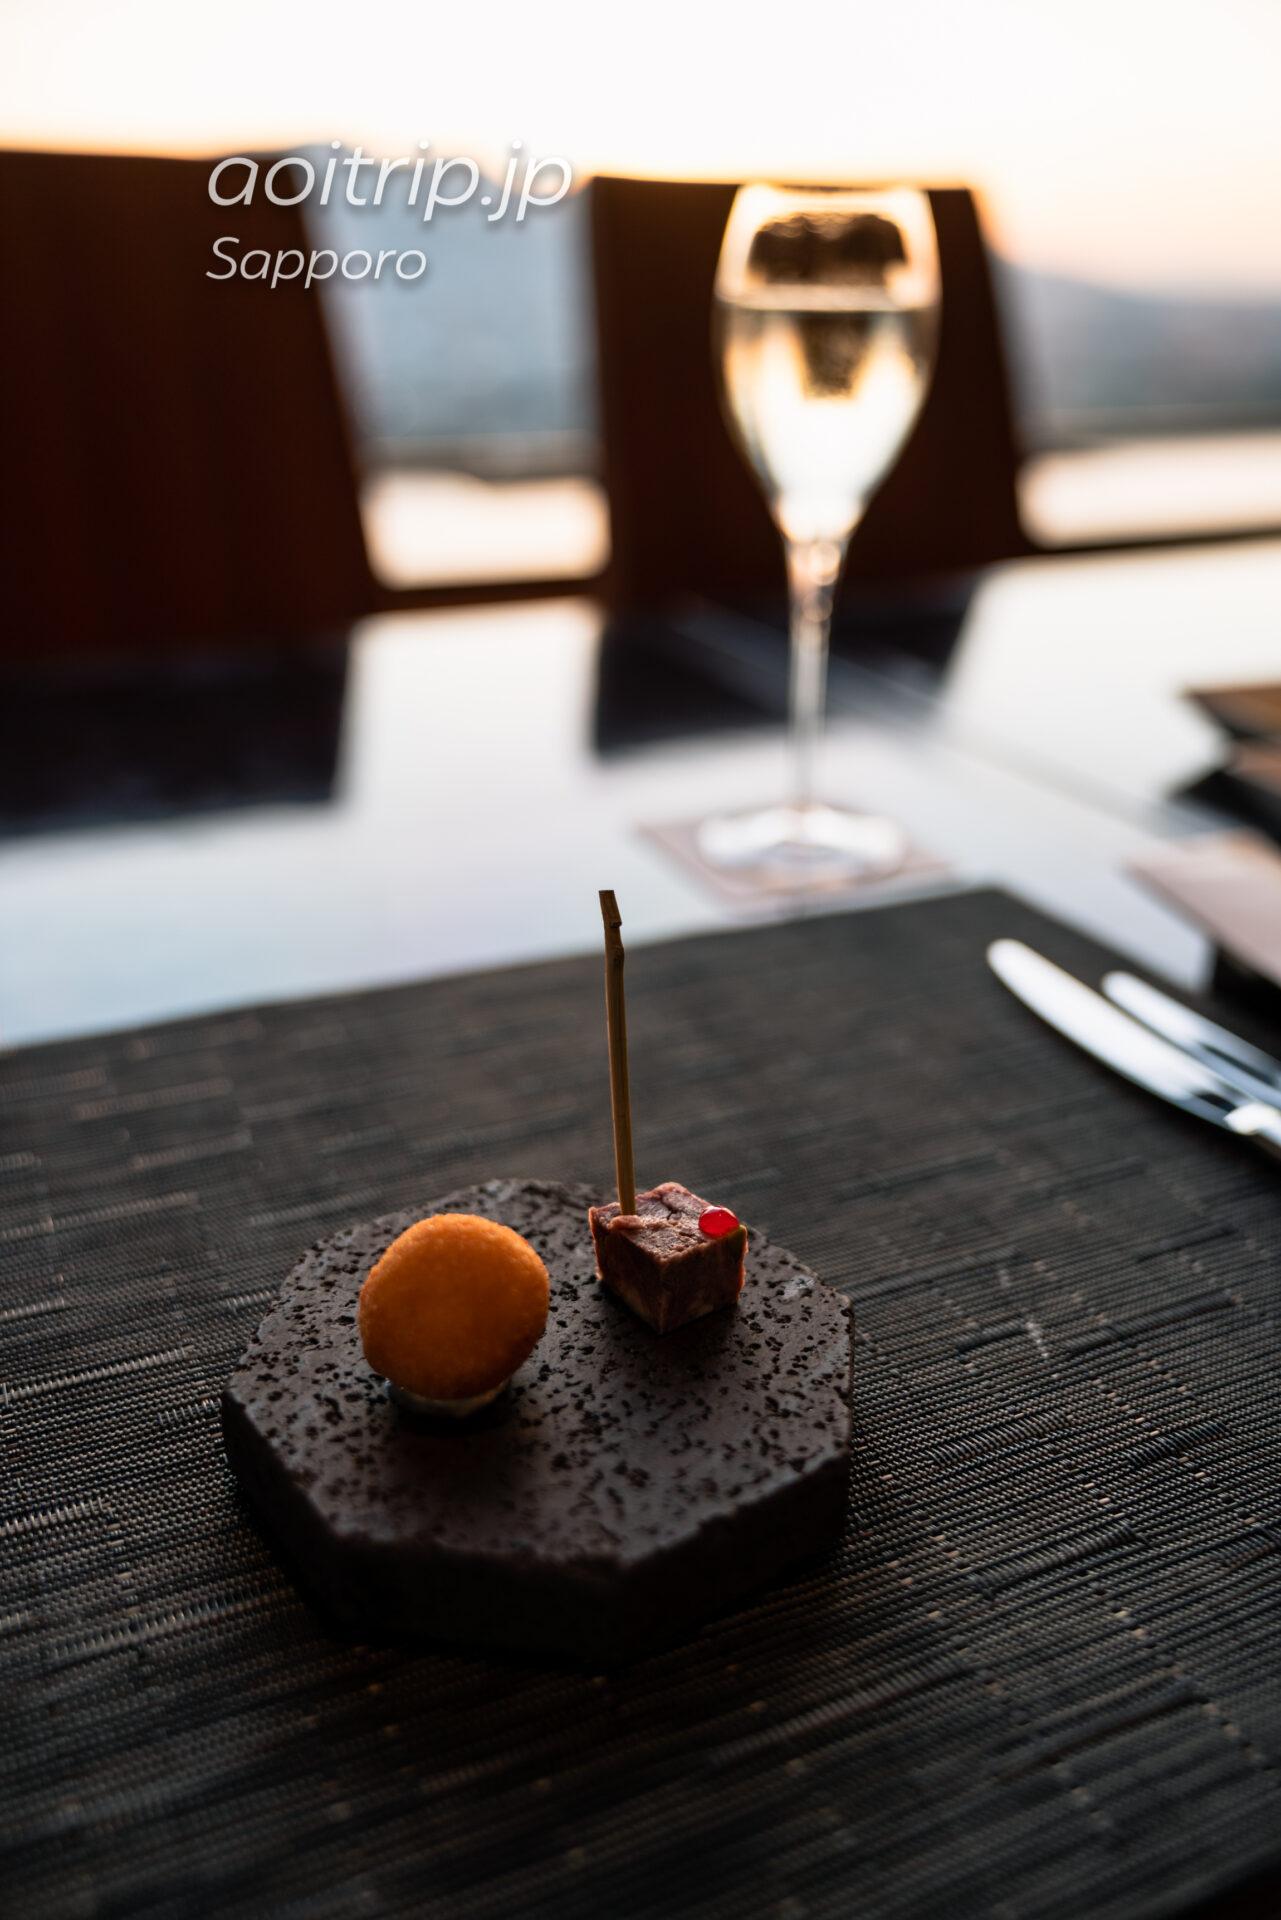 JRタワーホテル日航札幌 レストラン SKY Jのディナー 塩鱈のブランダードクロケット 蝦夷鹿のパテ グロゼイユのアクセント